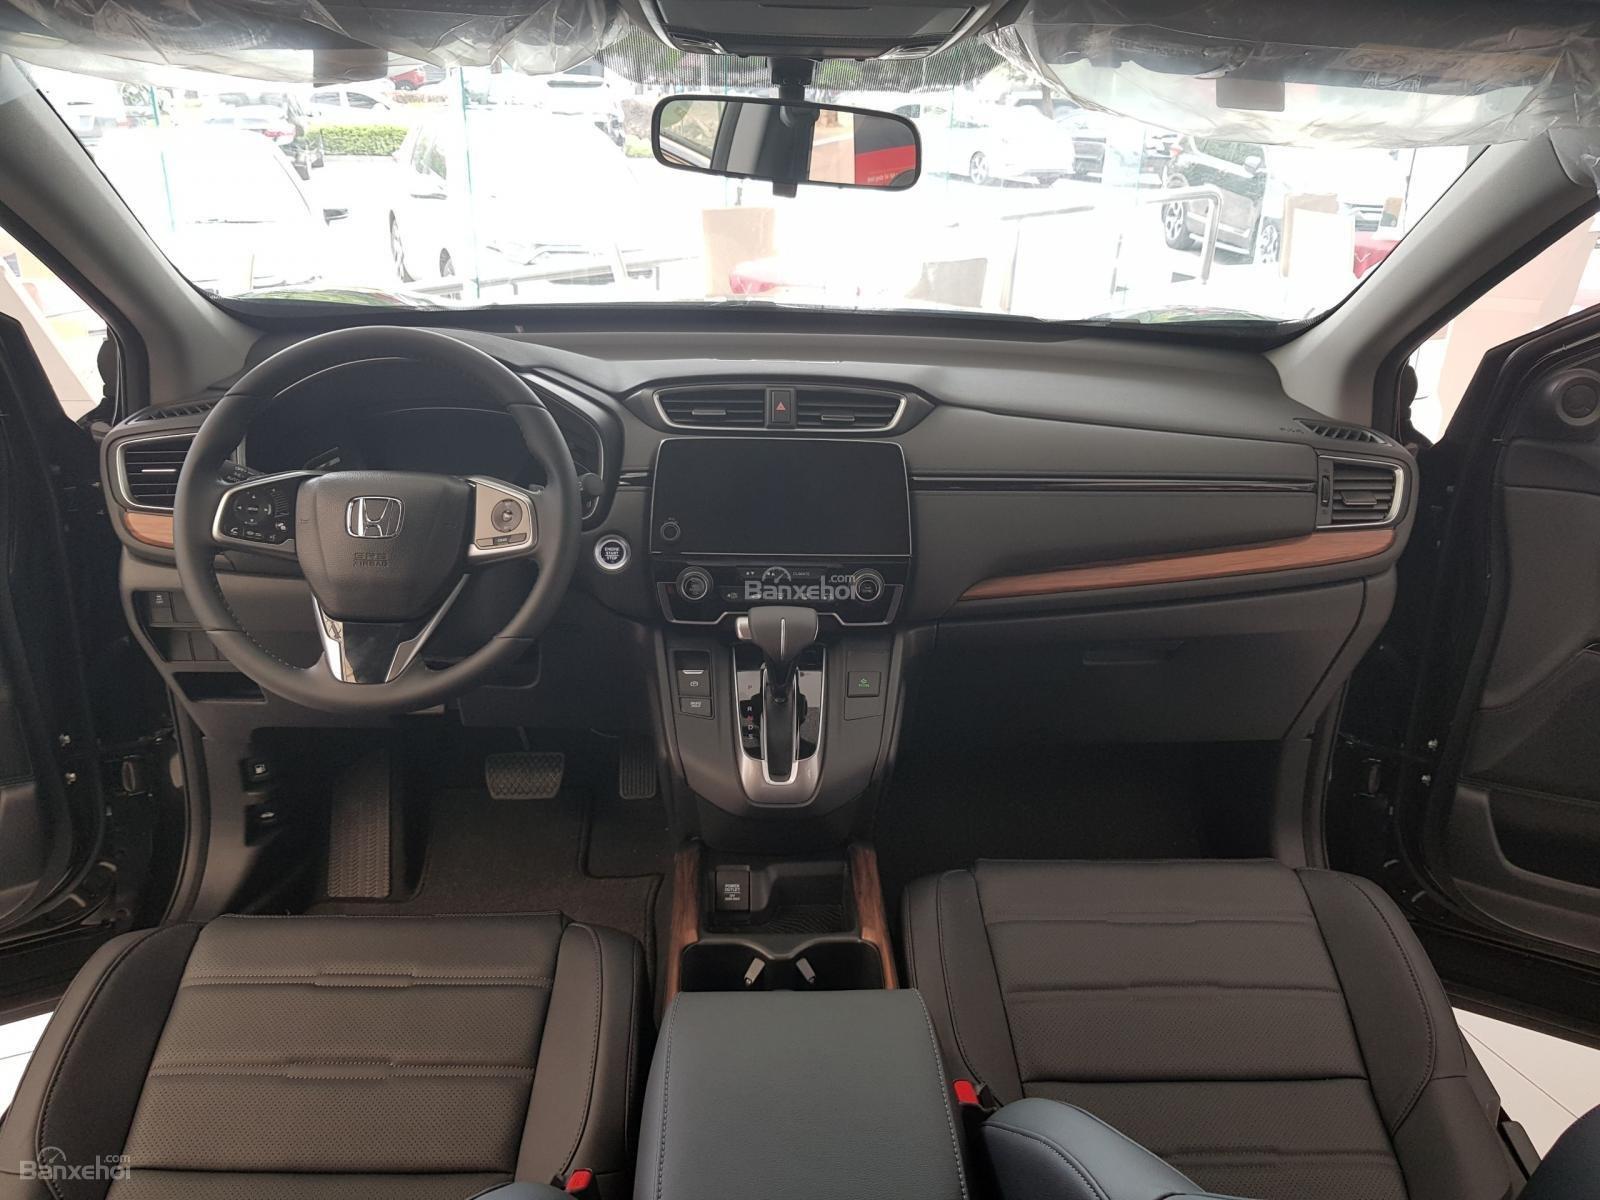 Honda Mỹ Đình - Honda CR-V, nhập khẩu, đủ màu, khuyến mại lên tới 50tr, giao xe ngay - LH: 0985.27.6663-3